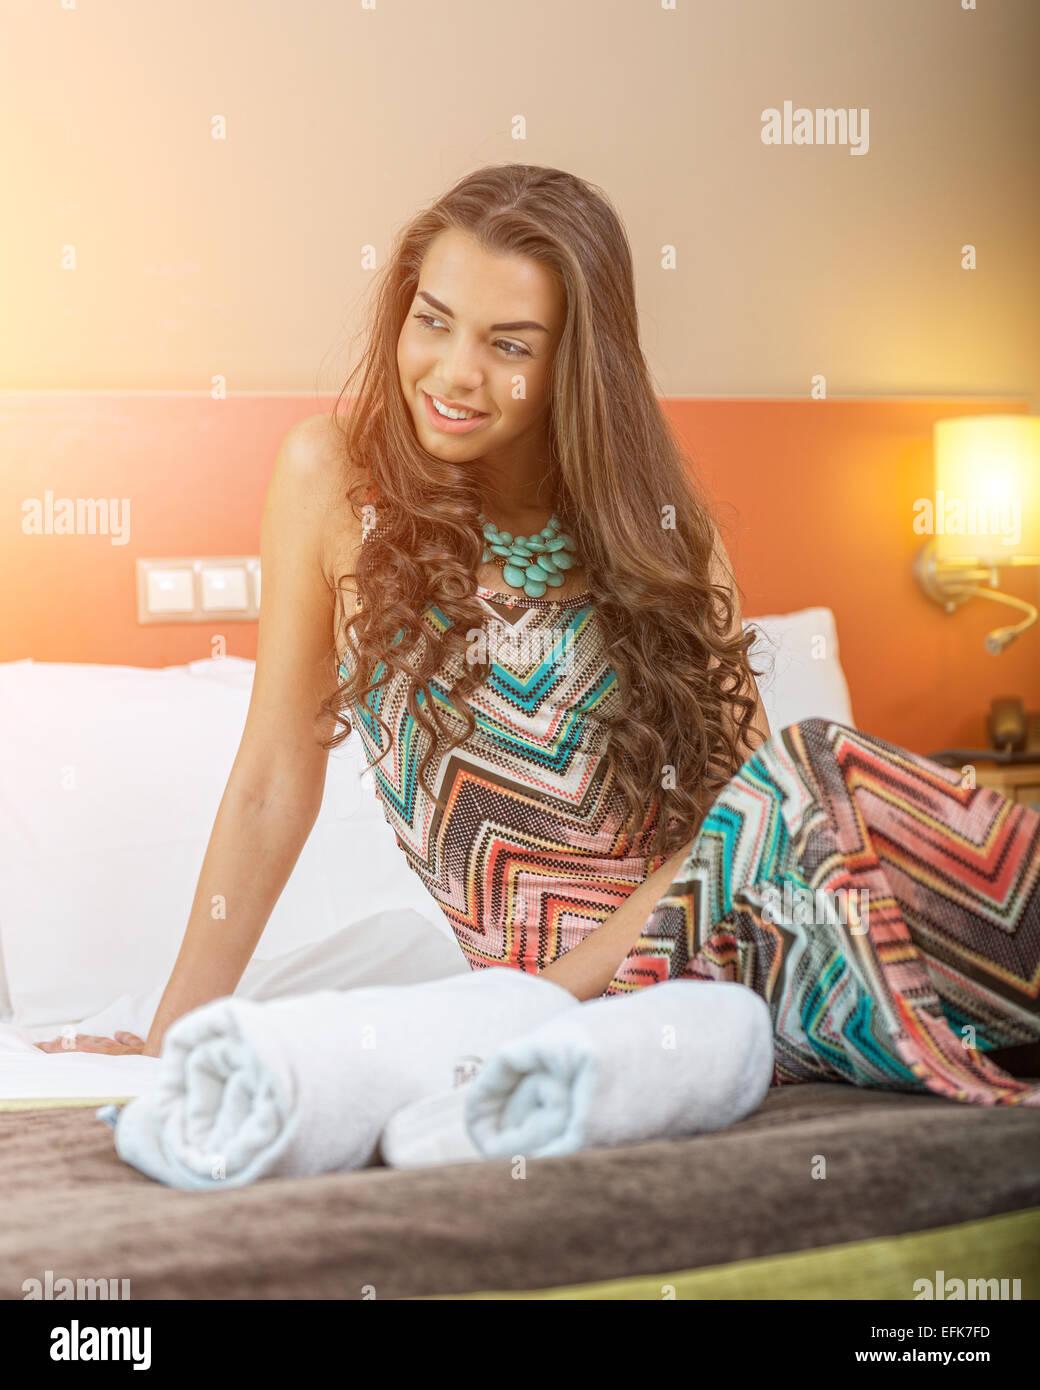 Junge Frau sitzt in dem Bett eines Hotelzimmers Stockbild